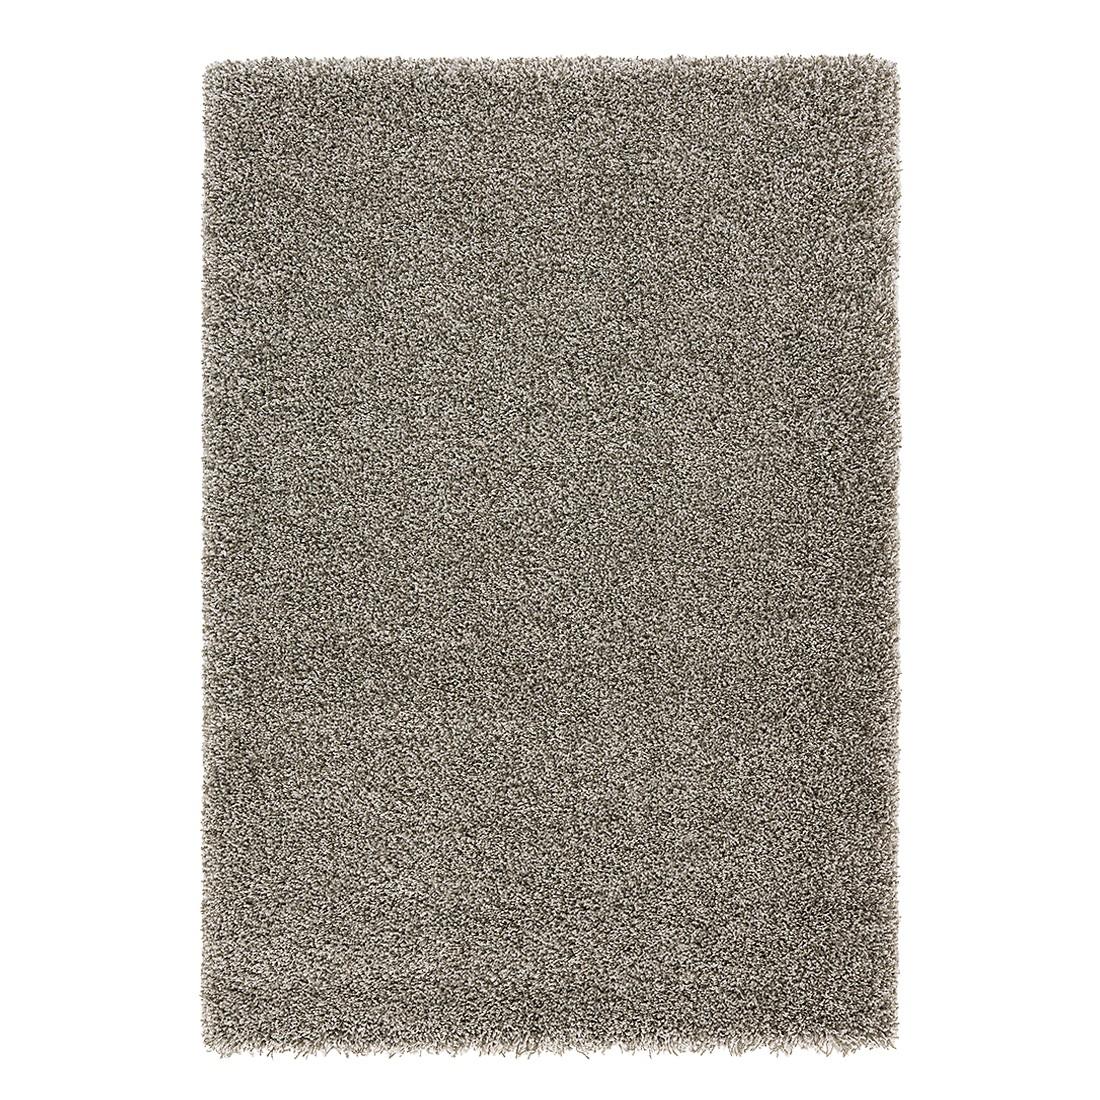 Teppich Como - Grau - 80 x 150 cm, Astra